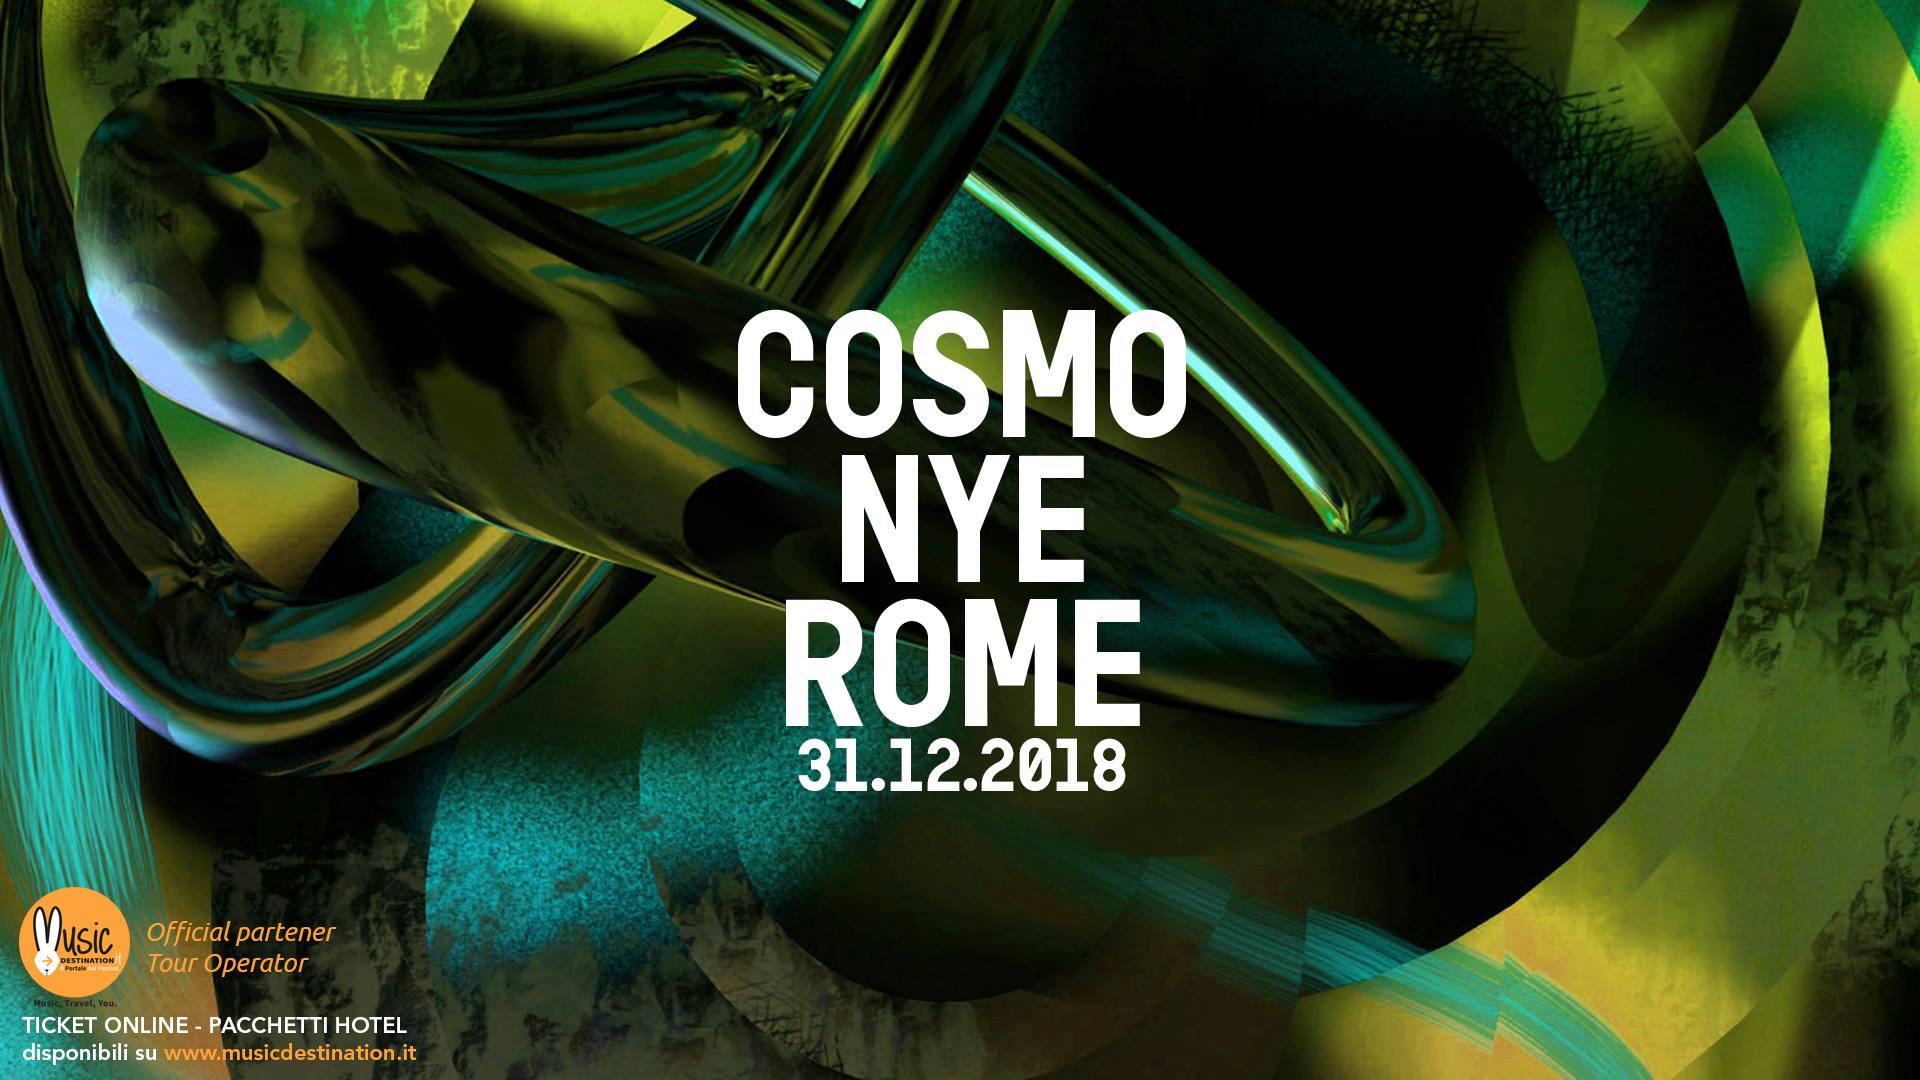 cosmo festival capodanno 2019 roma 31 dicembre 2018